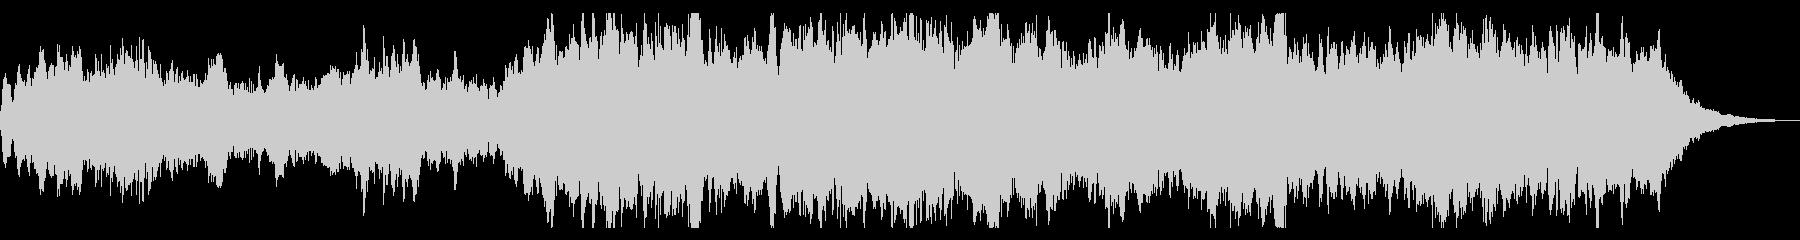 シネマチック、ダークなオープニングの未再生の波形